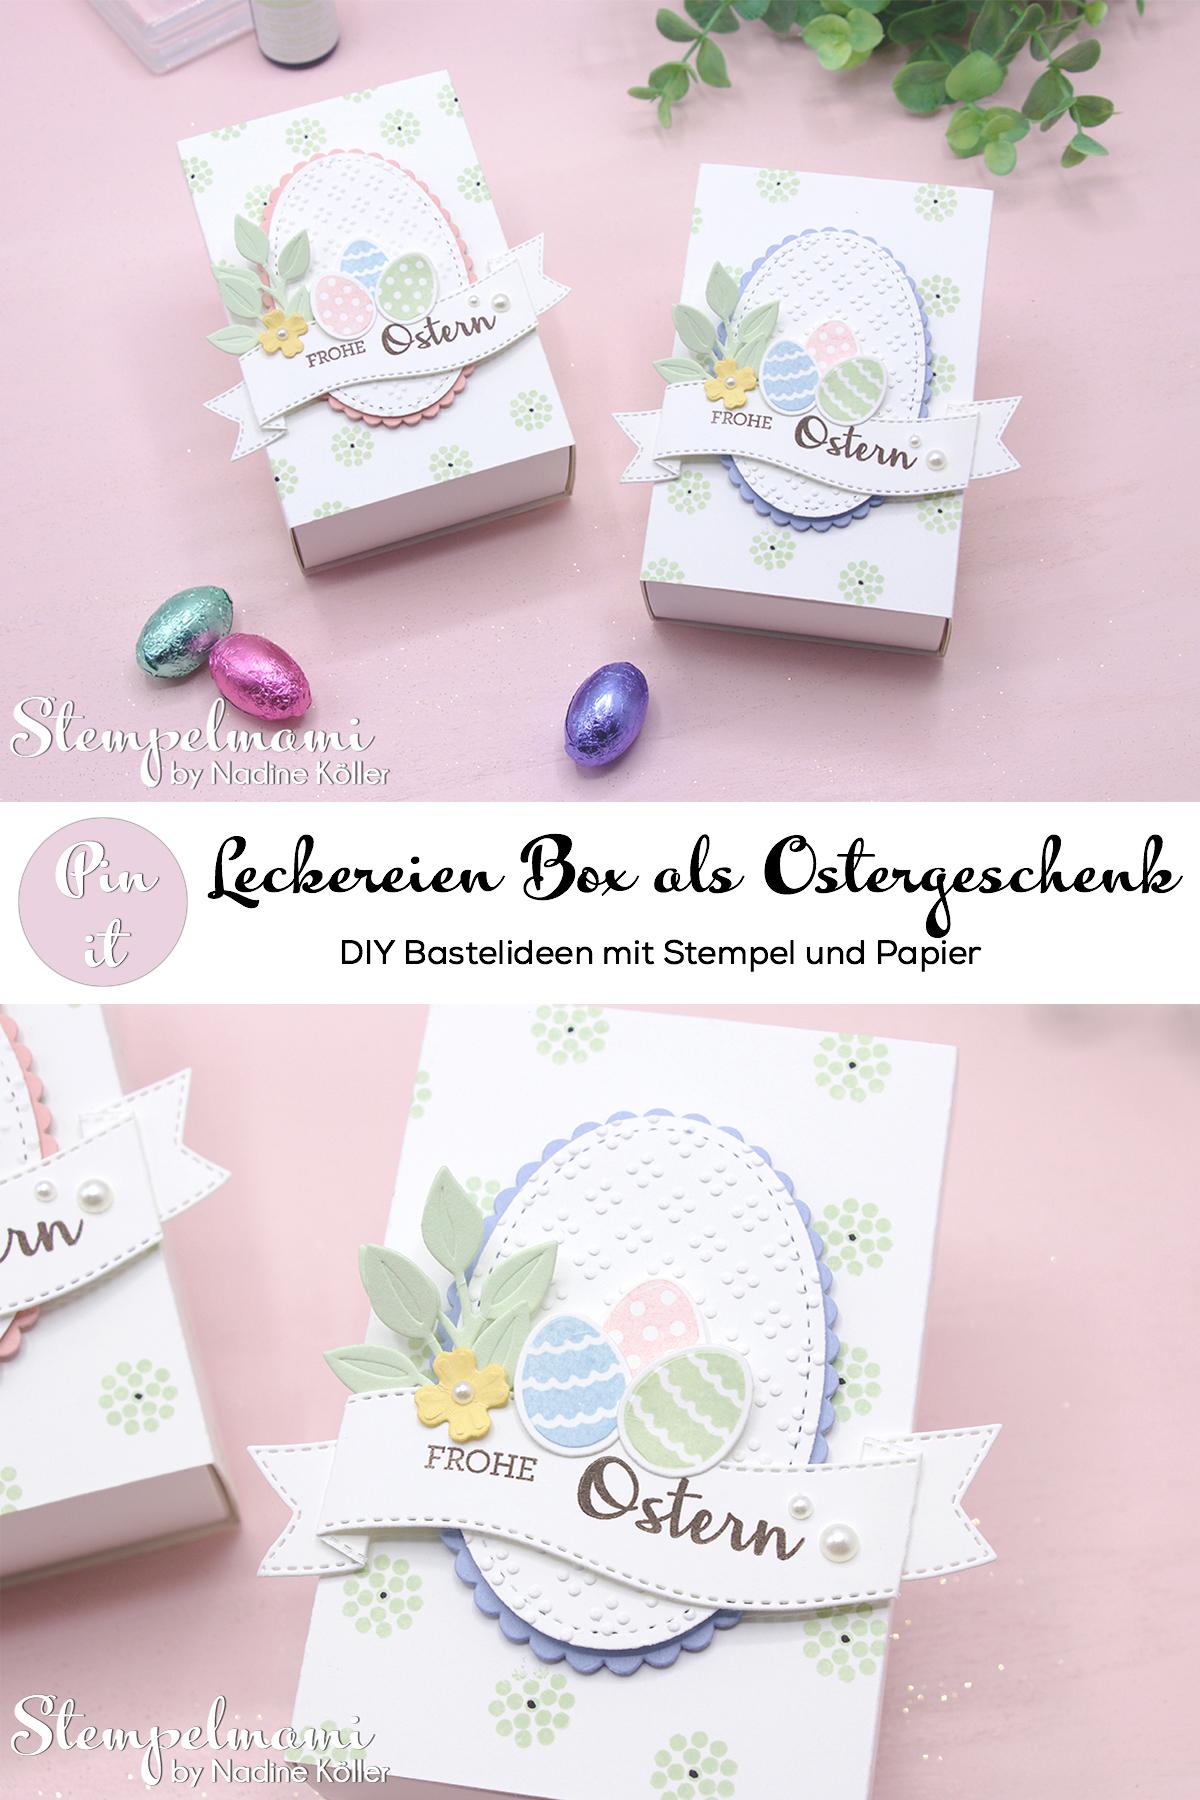 Stampin Up Leckereien Box als Ostergeschenk Ostergoodie Kreative Kraenze Stempelmami 2